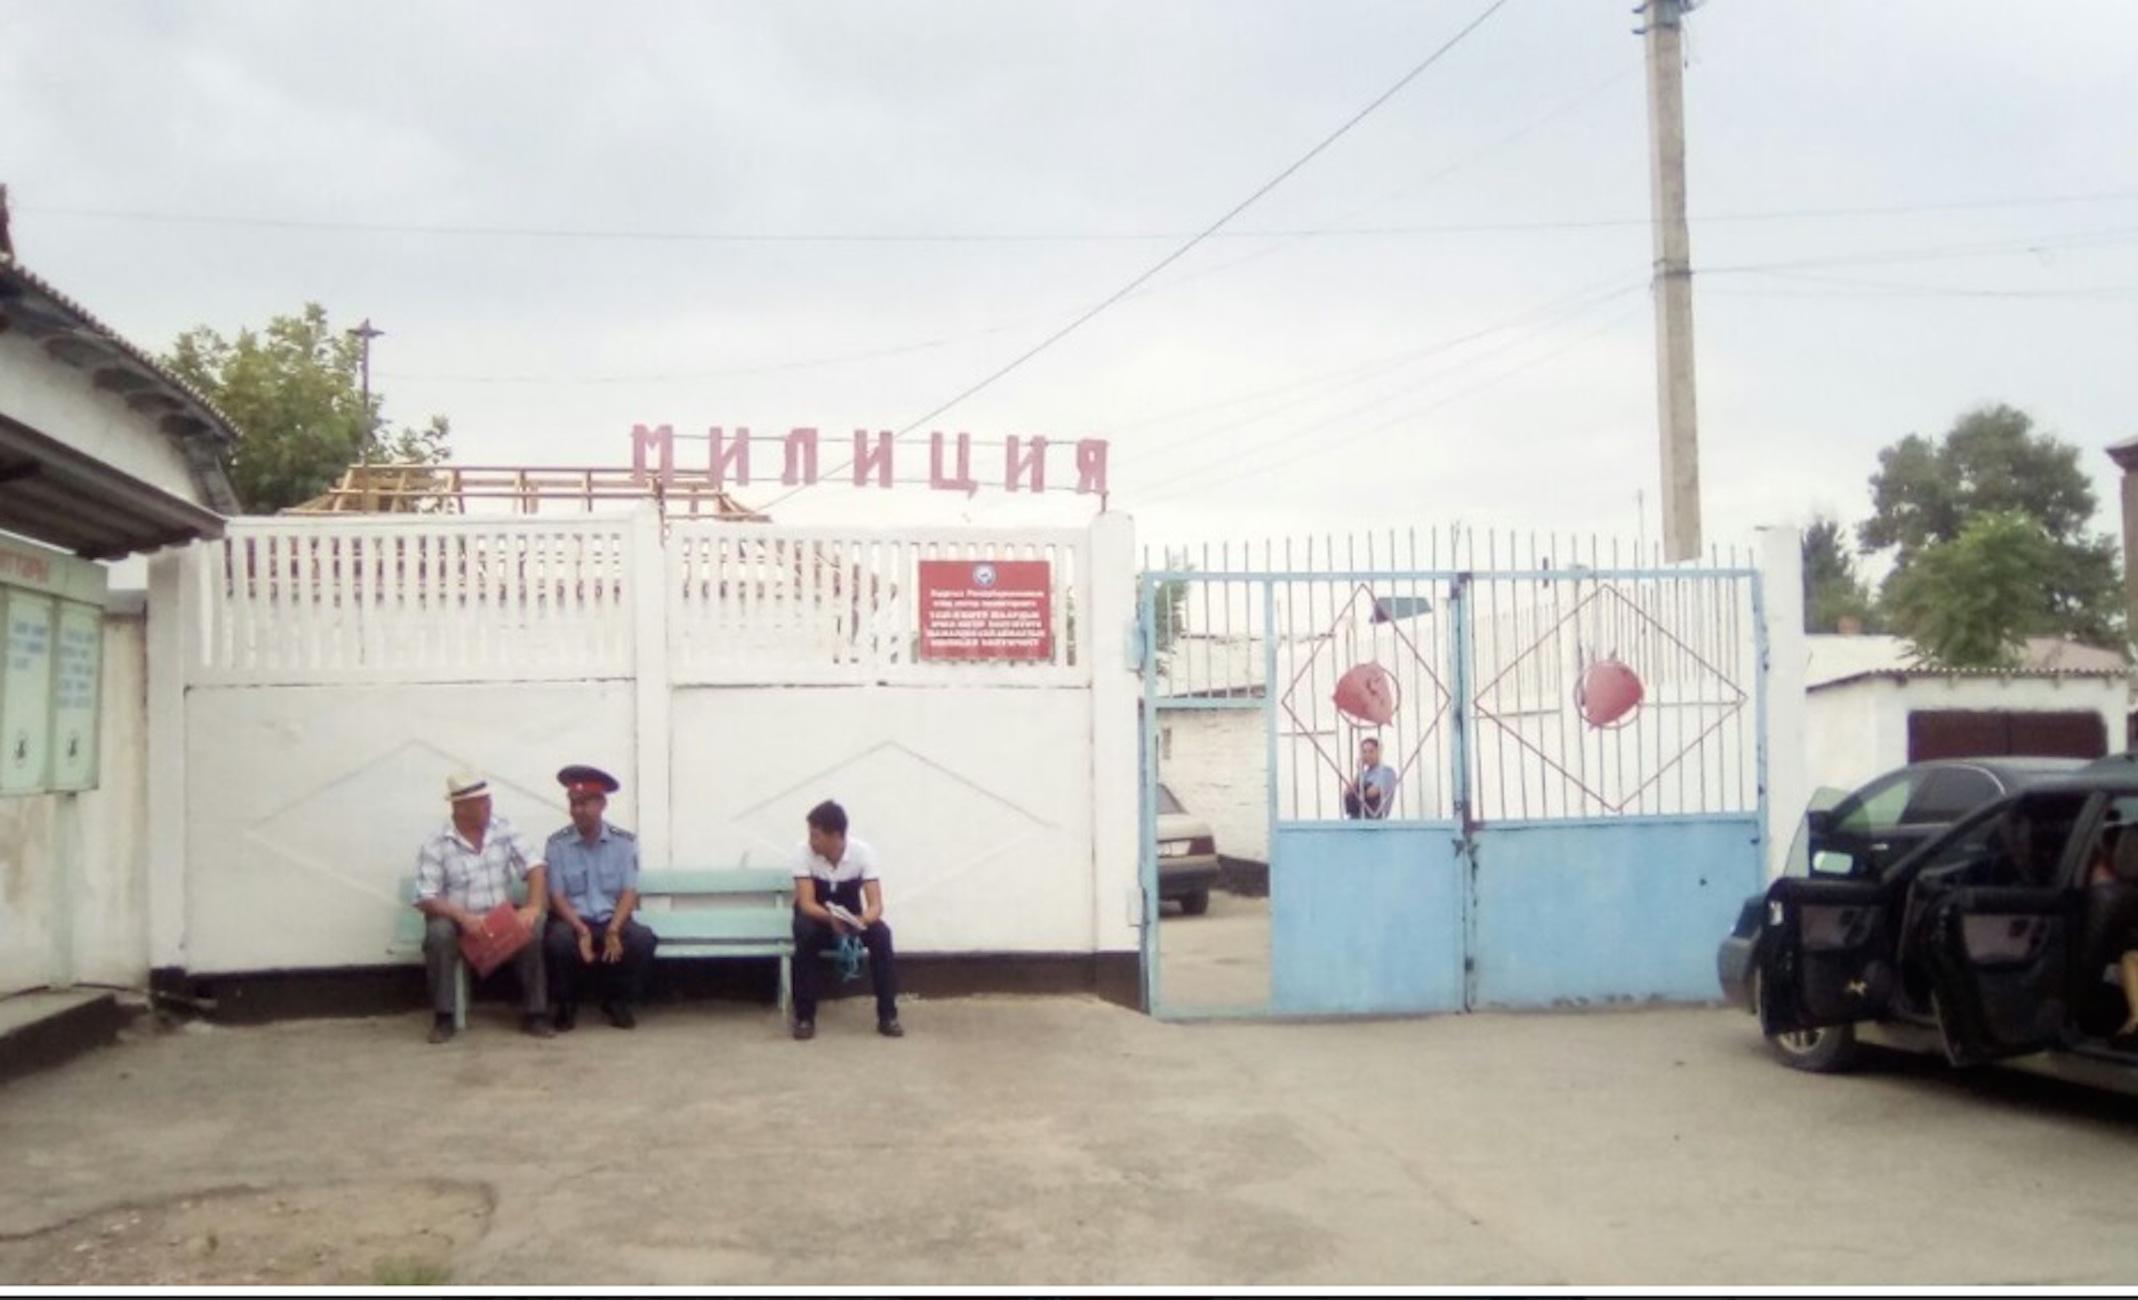 Кыргызстан ищет пути противодействия радикализации молодежи